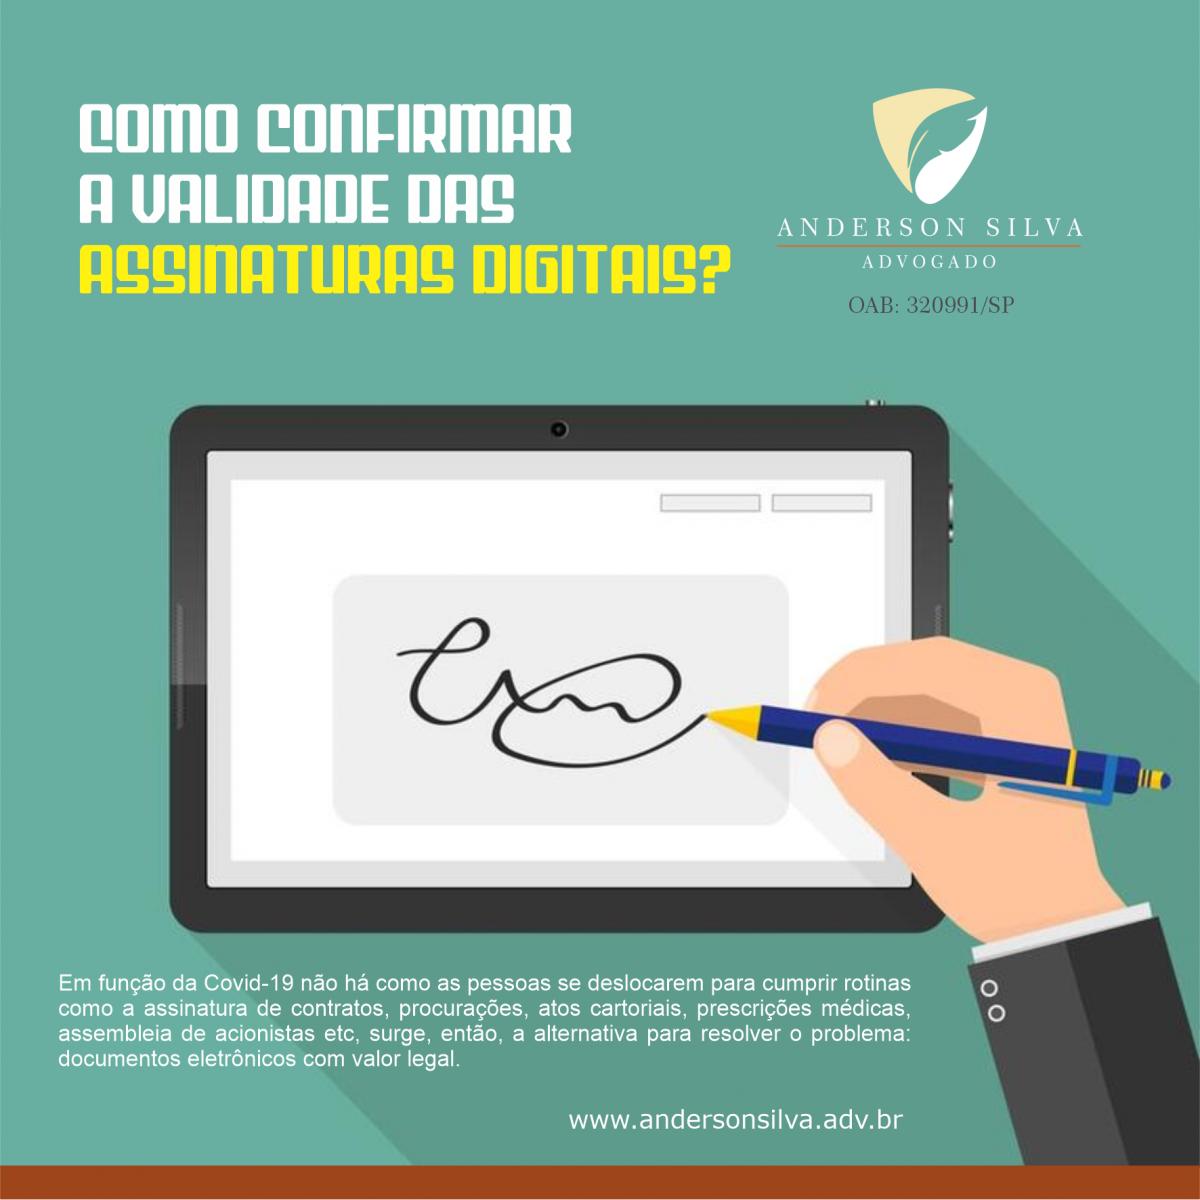 Como confirmar a validade das assinaturas digitais?